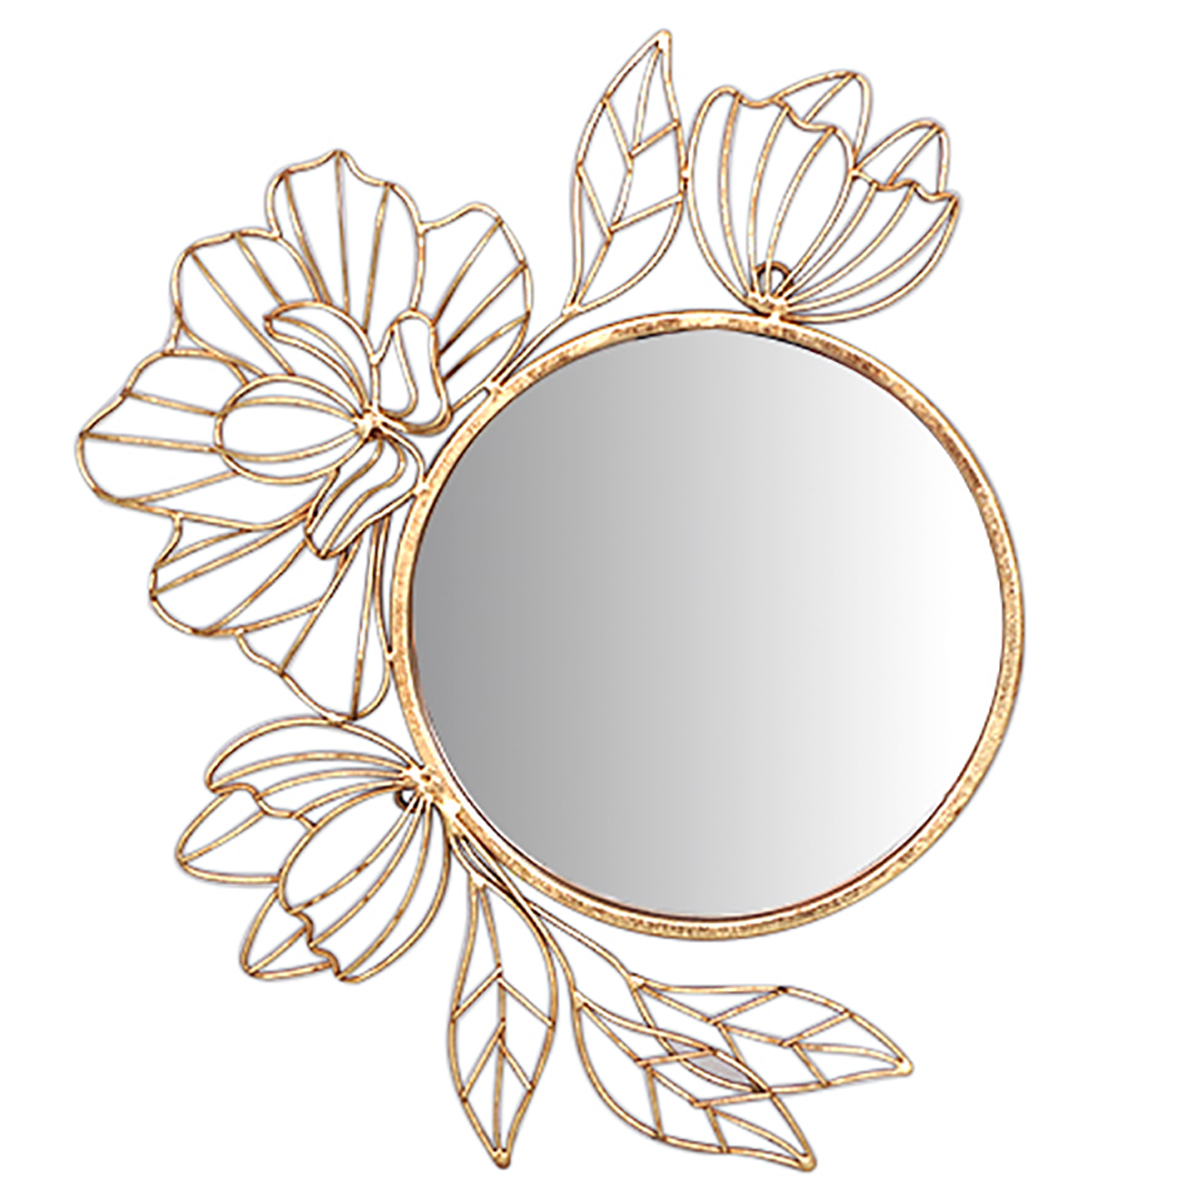 Miroir métal \'Osaka\' doré - 46x39x4 cm (fleurs) - [A3191]